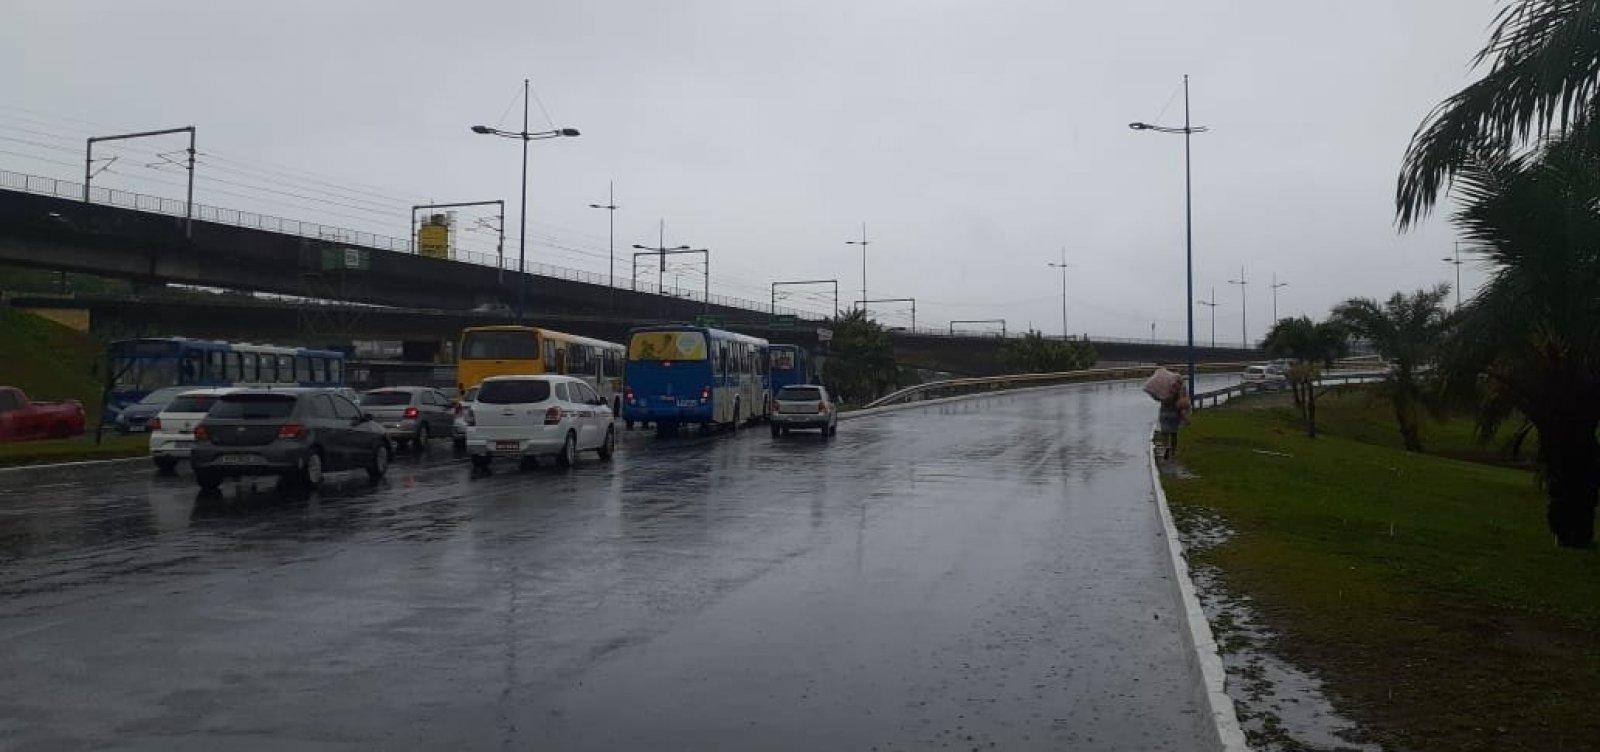 [APLB orienta suspensão de atividades escolares em Salvador após chuvas]